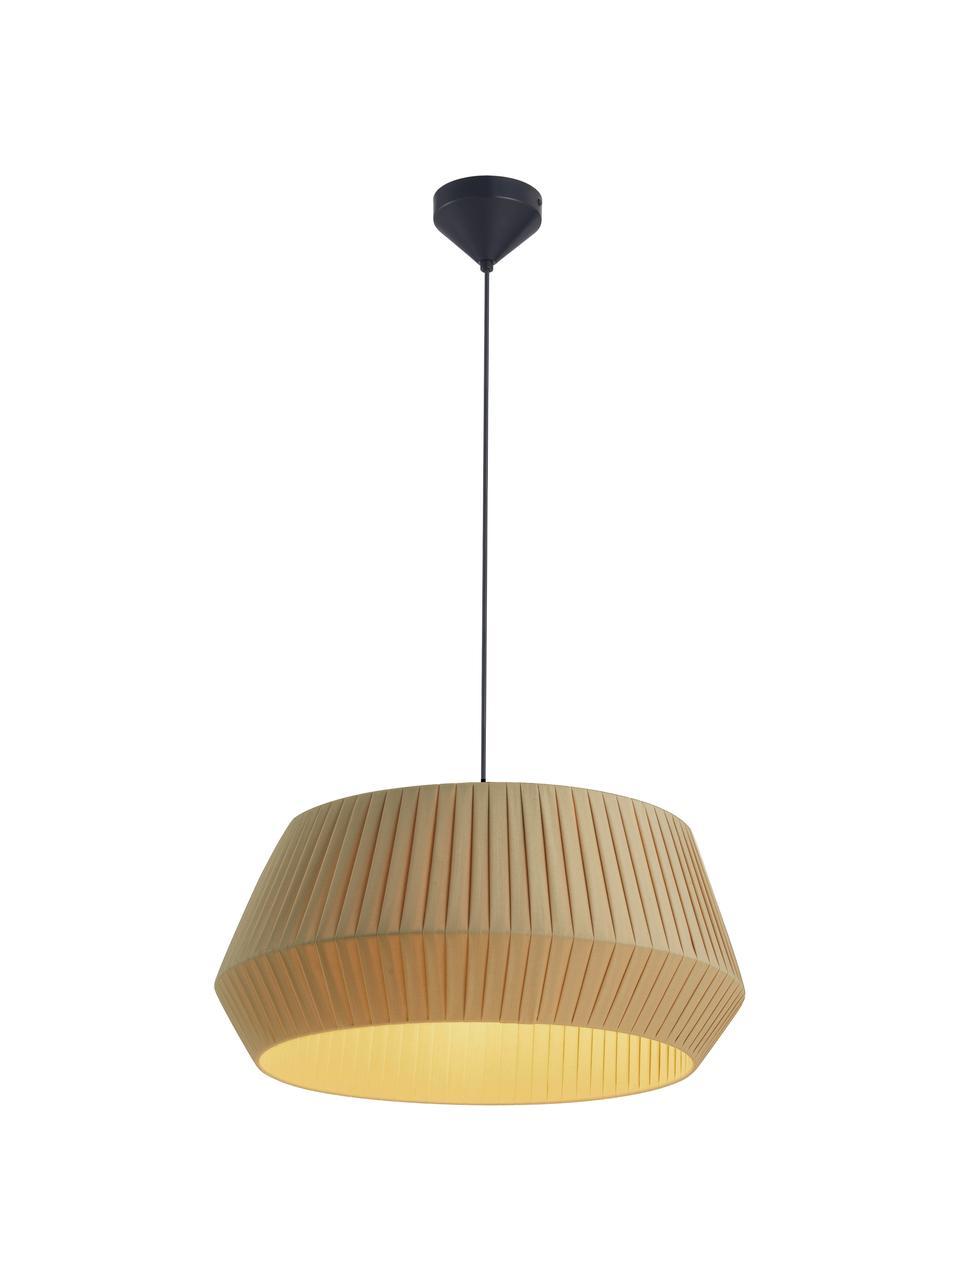 Klassische Pendelleuchte Dicte aus Faltenstoff, Lampenschirm: Stoff, Baldachin: Metall, beschichtet, Beige, Schwarz, Ø 53 x H 29 cm